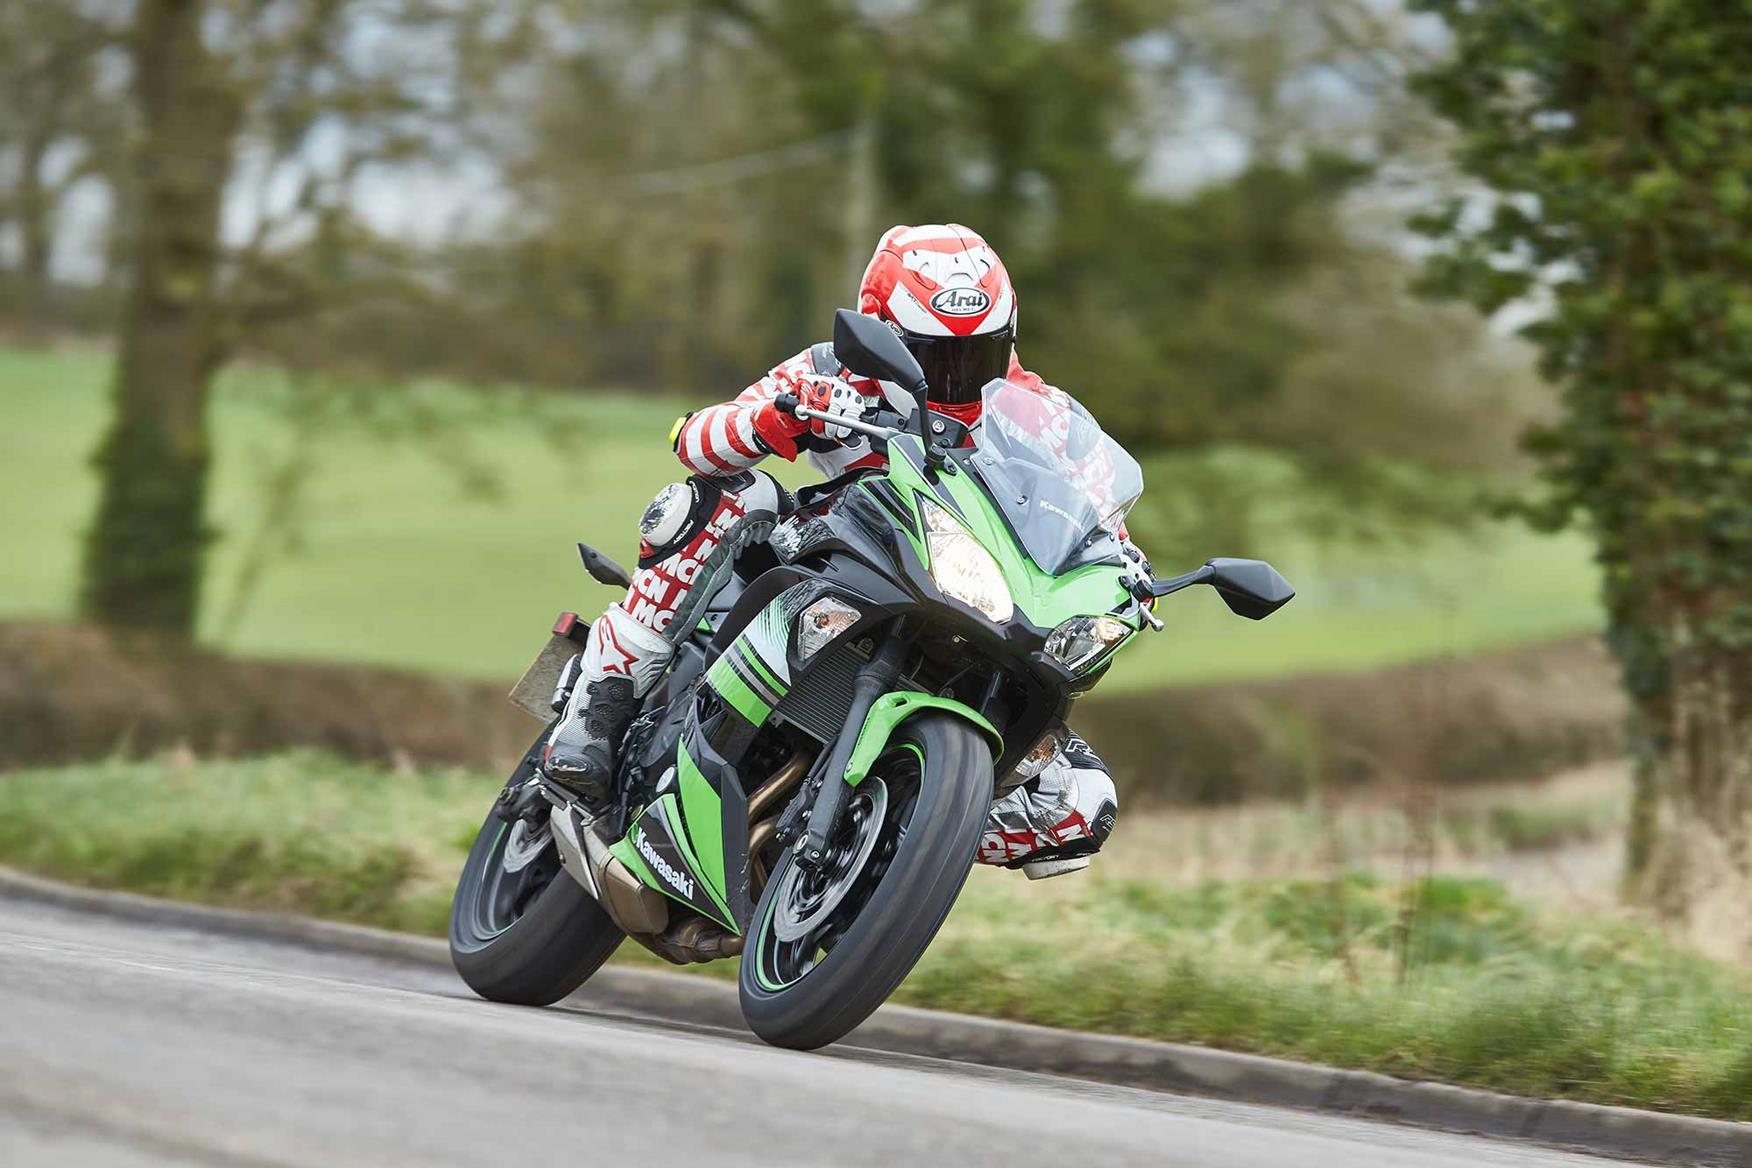 The Kawasaki Ninja 650 ridden by MCN's Bruce Dunn